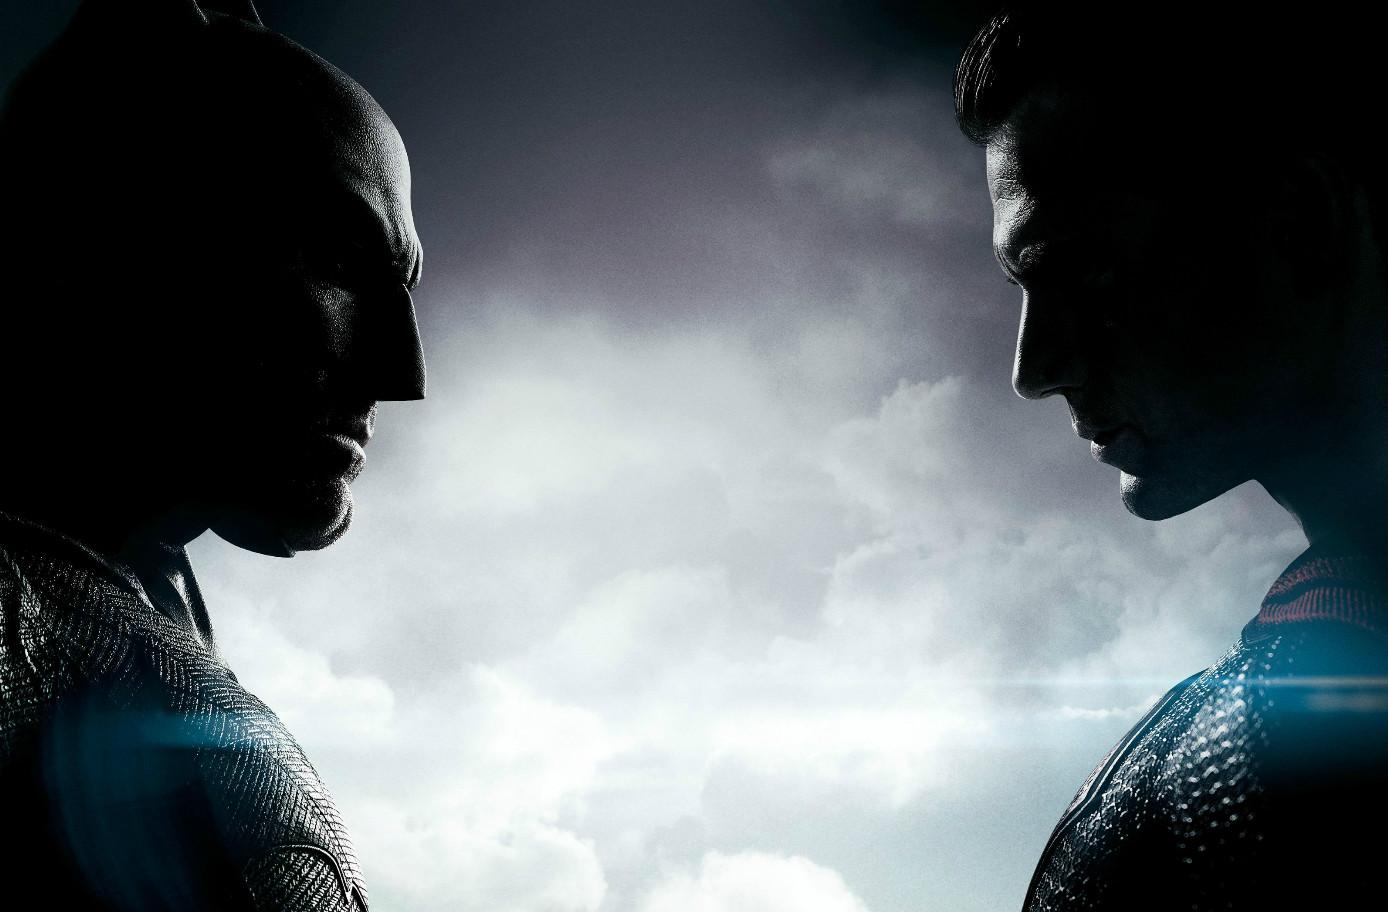 O Perspectivismo em Batman Vs Superman: A Origem da Justiça